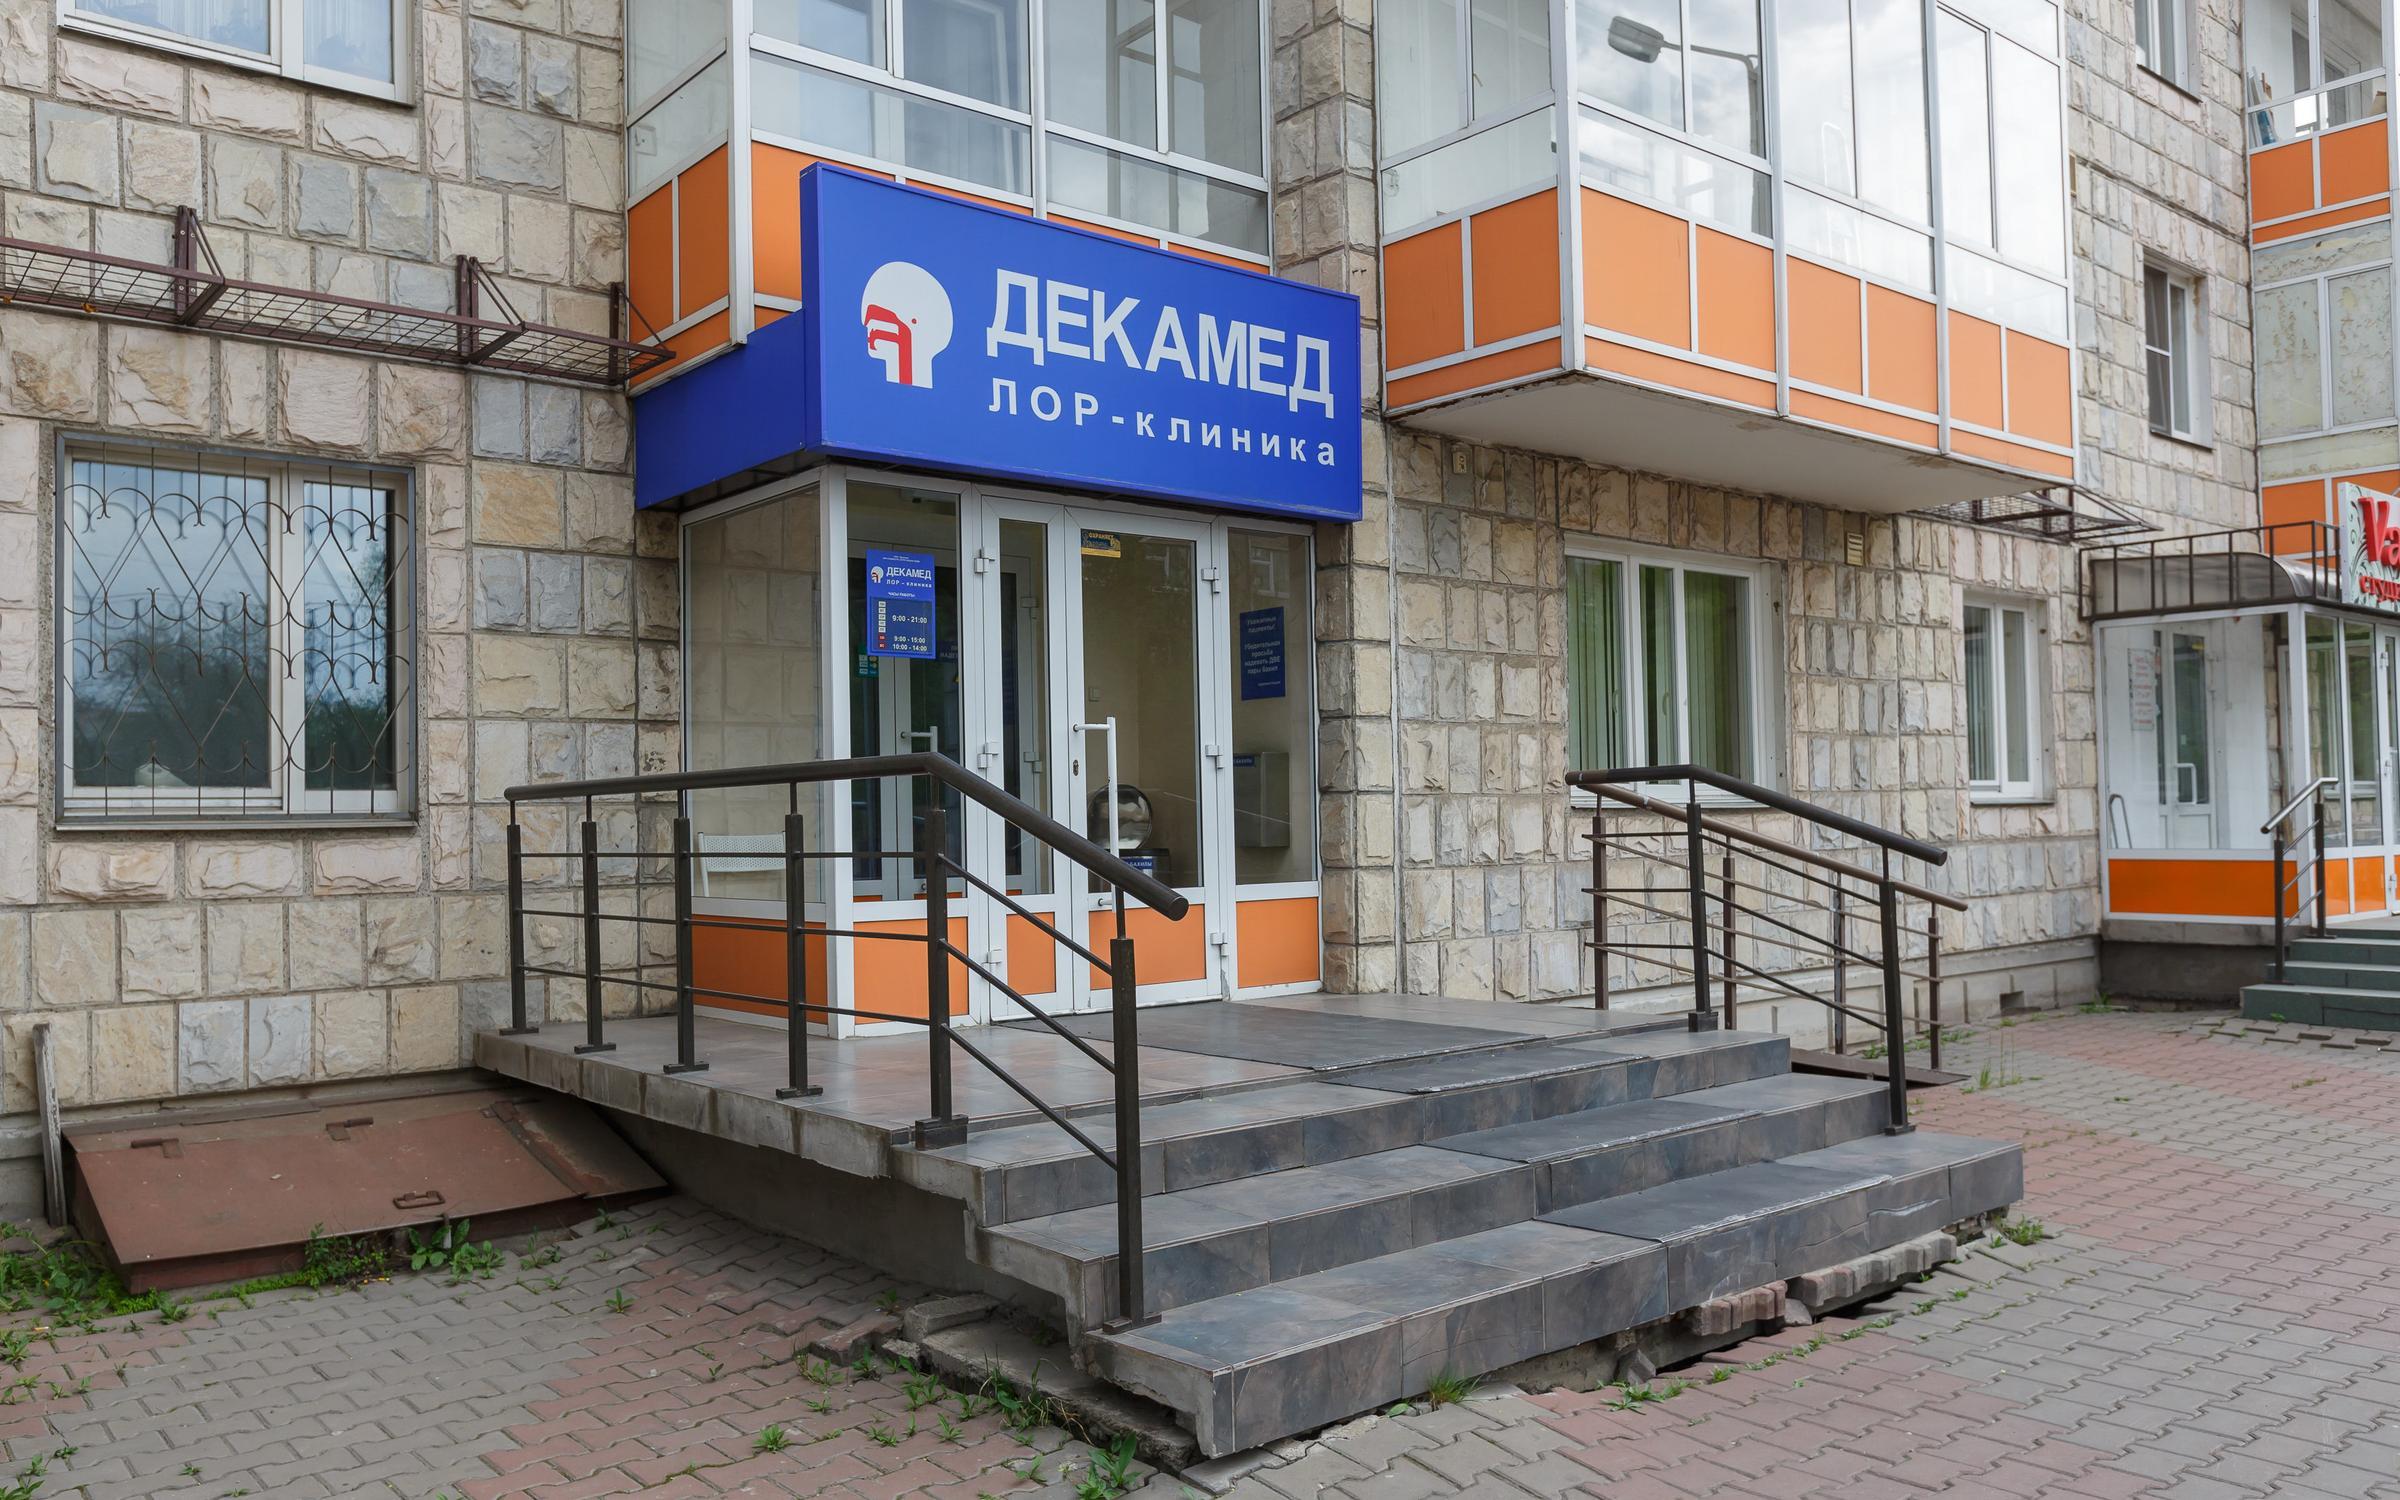 фотография ЛОР-клиники Декамед на улице Кравченко